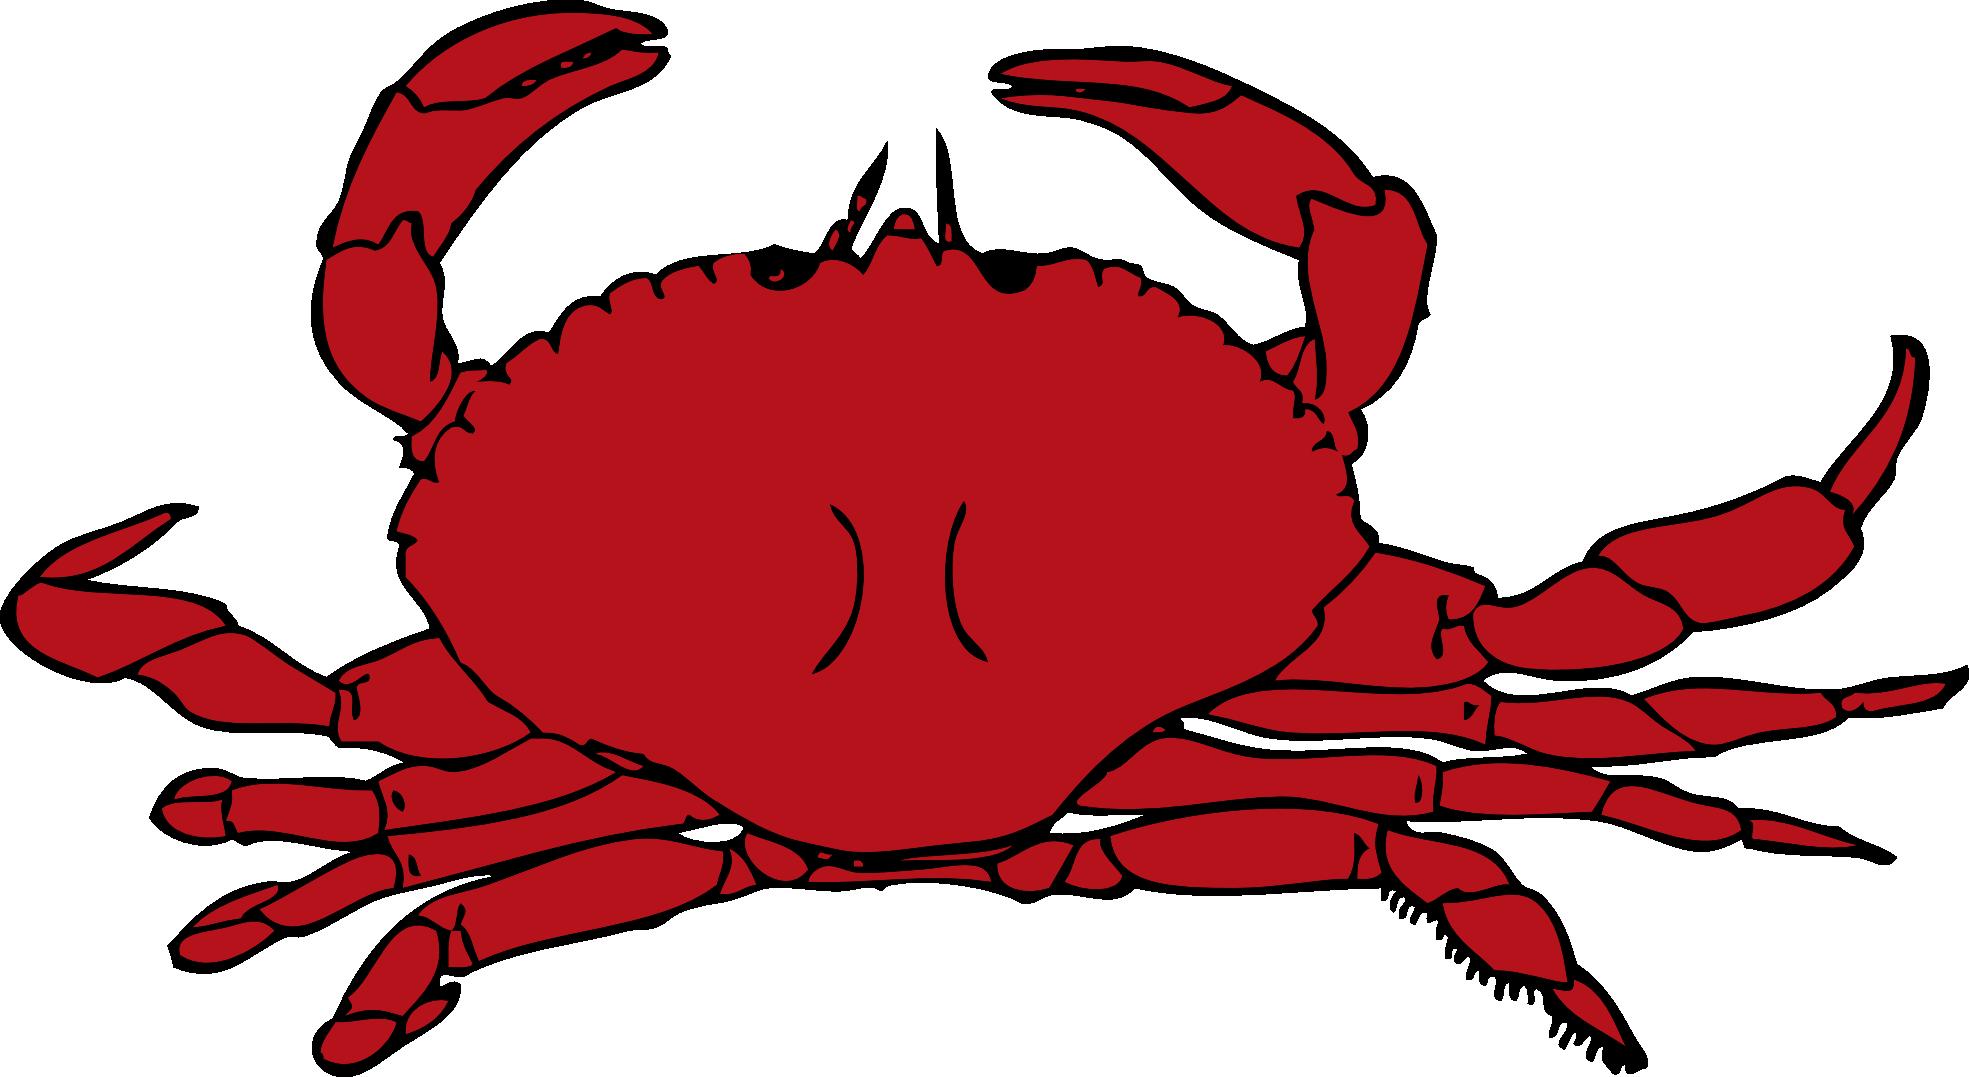 Crab clipart 0